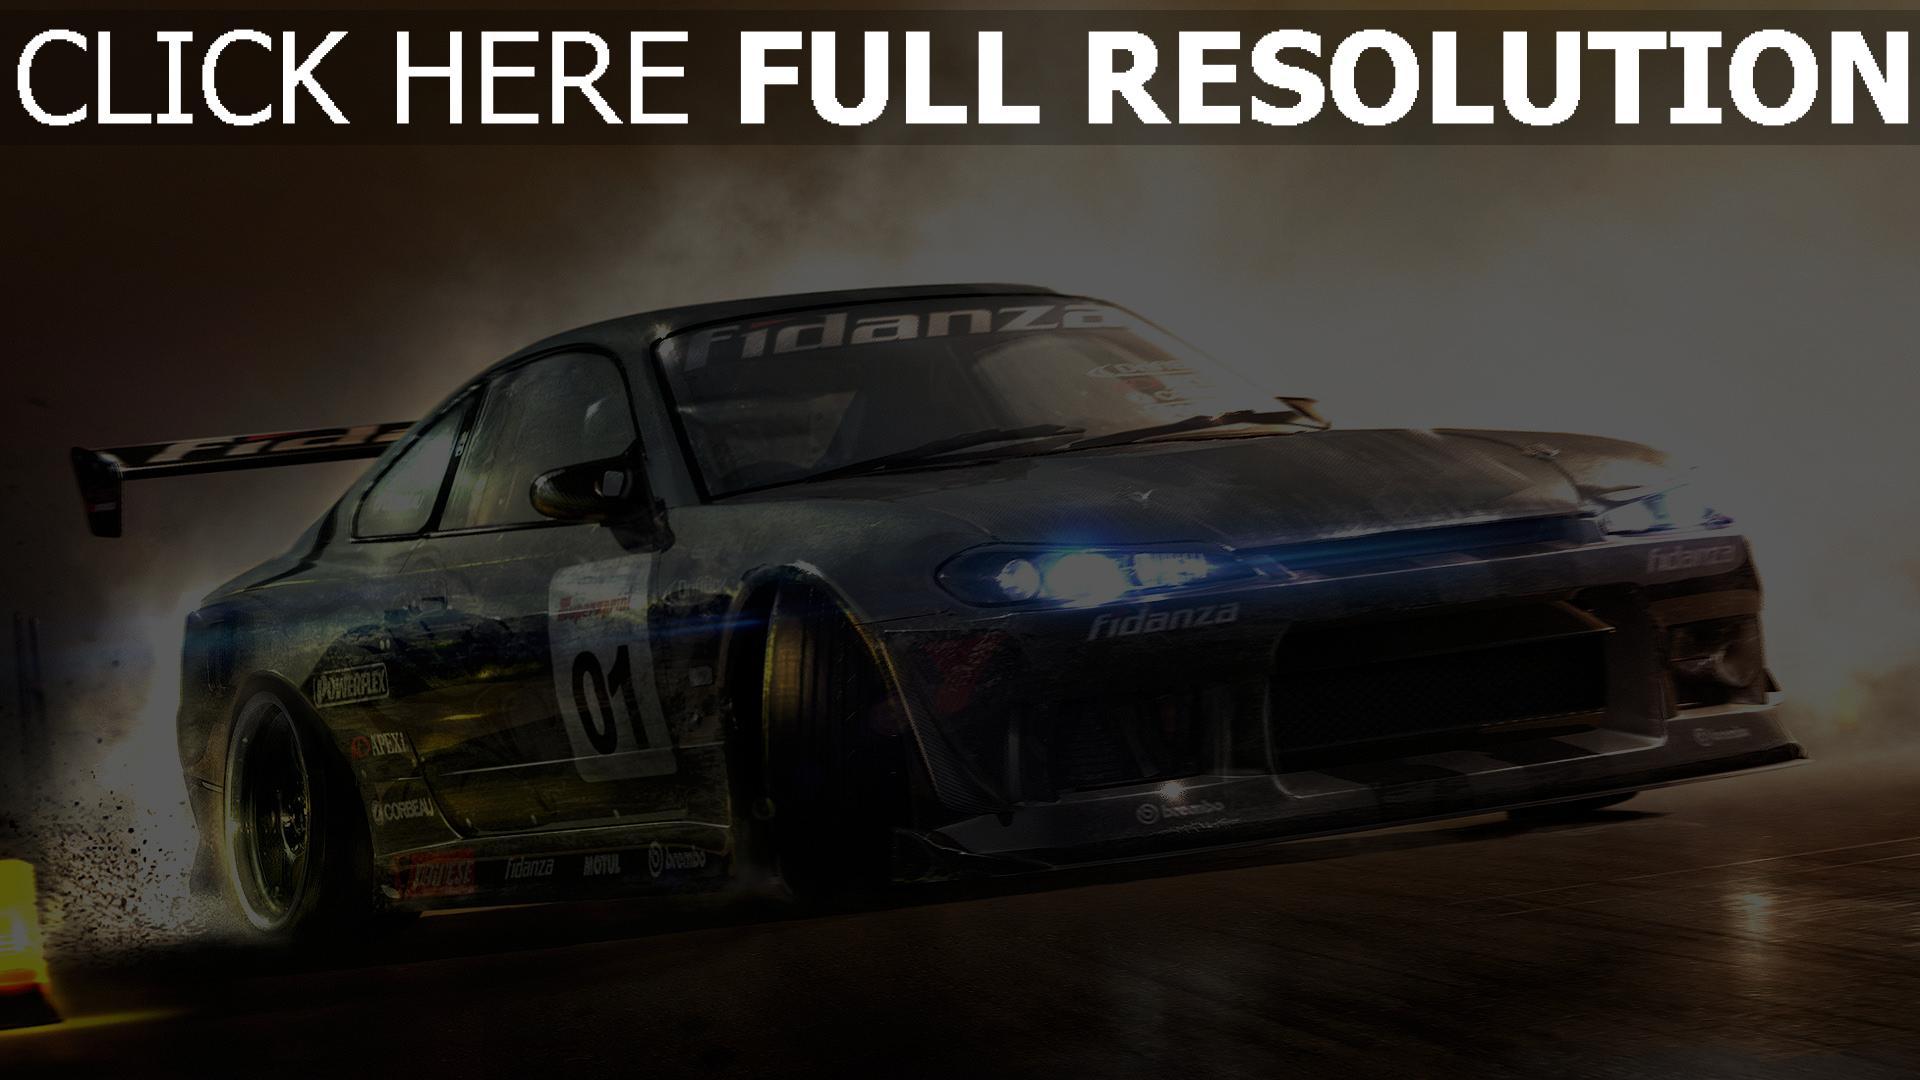 fond d'écran 1920x1080 voiture de sport vitesse toyota fumée phares